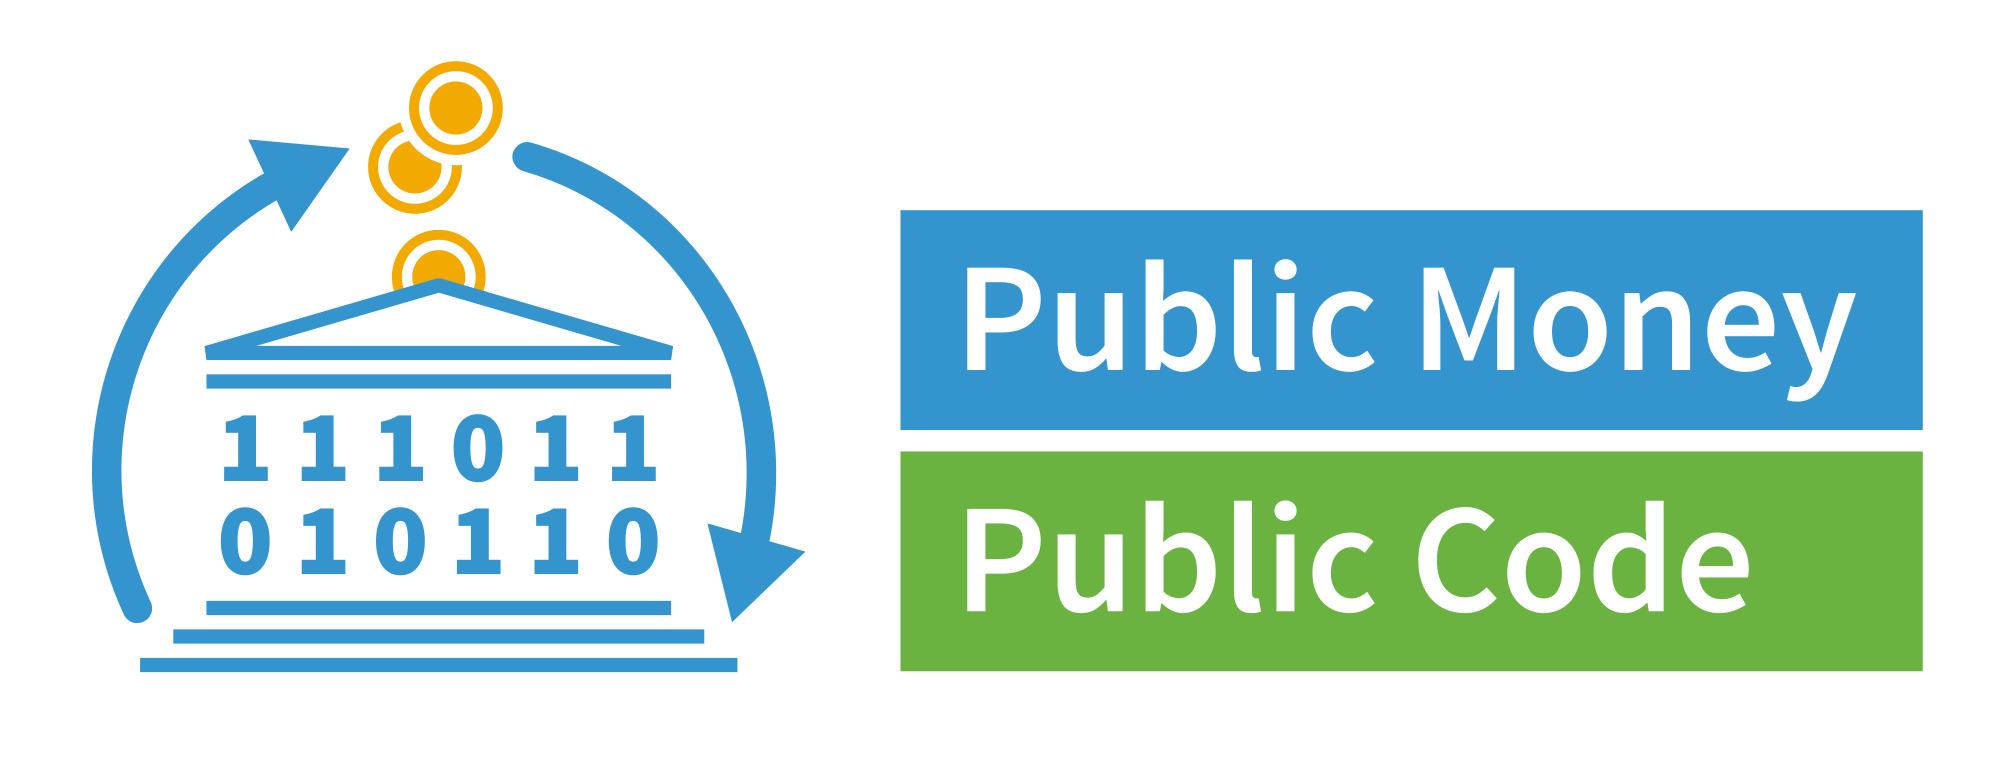 Ein Parlementsgebäude mit Nullen und Einsen und einem Kreislaufpfeil außenherum. Daneben der Titel: Public Money, Public Code.